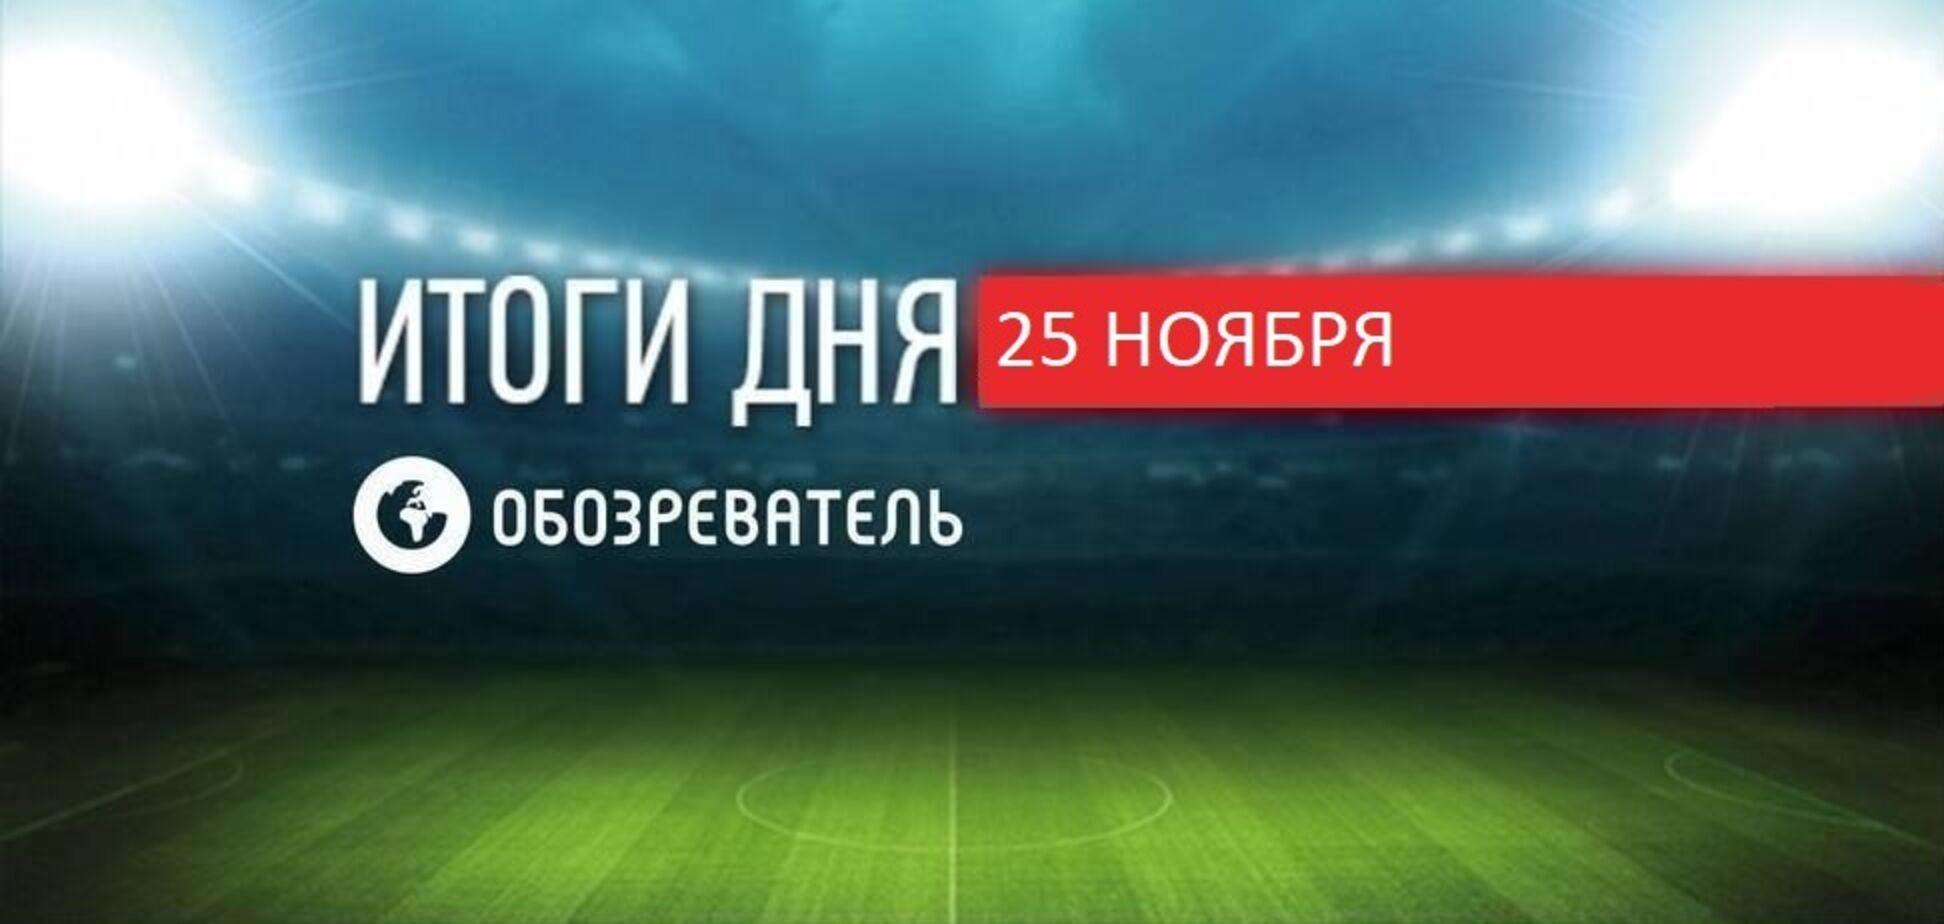 Умер Марадона, Украине присудили 0:3 в матче Лиги наций: спортивные итоги 25 ноября